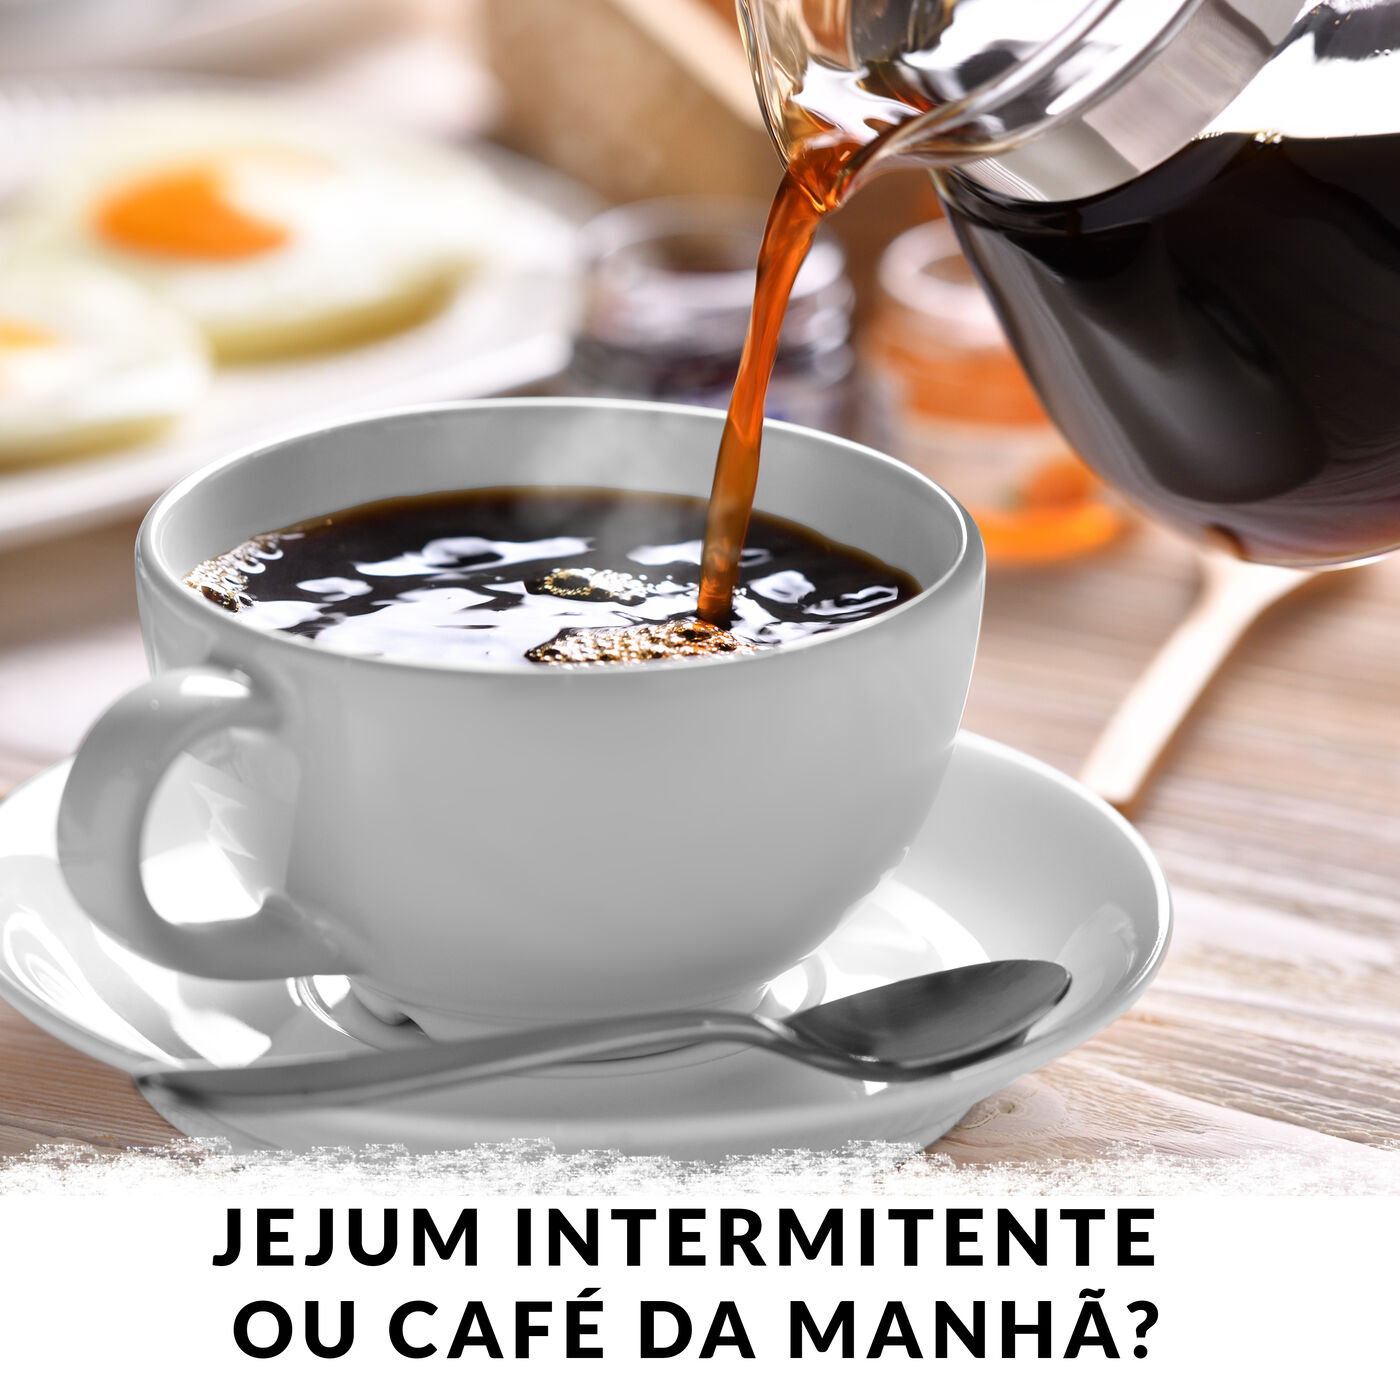 Jejum Intermitente ou Café da Manhã?